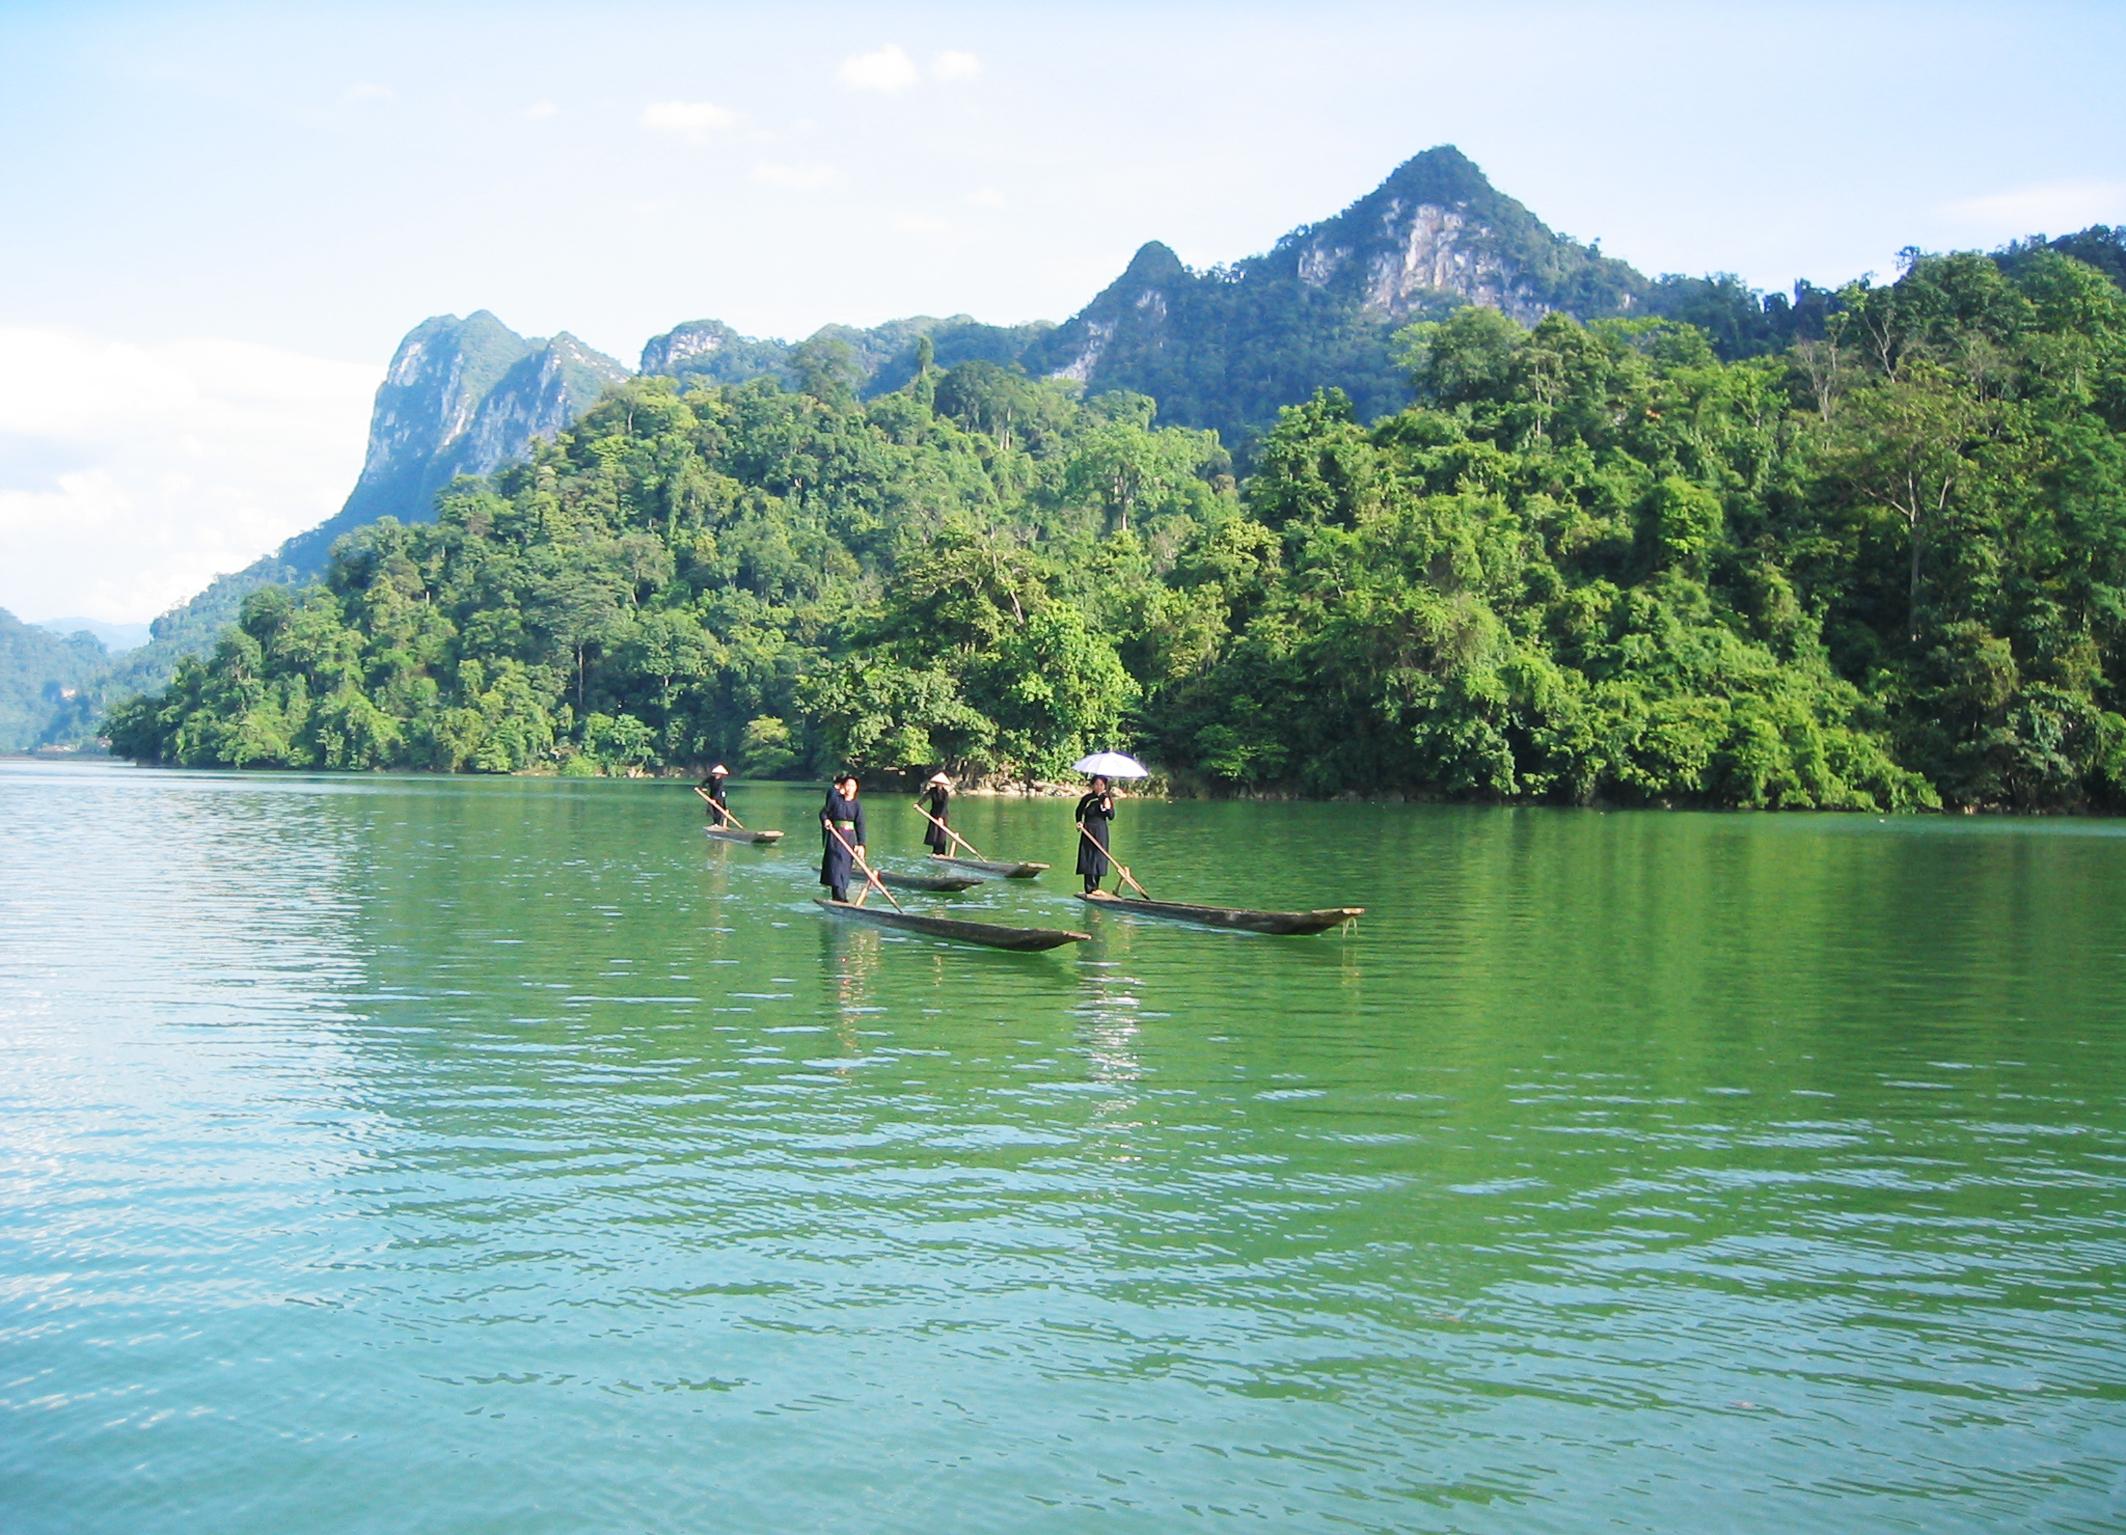 Du Lịch Hồ Ba Bể - Thác Bản Giốc